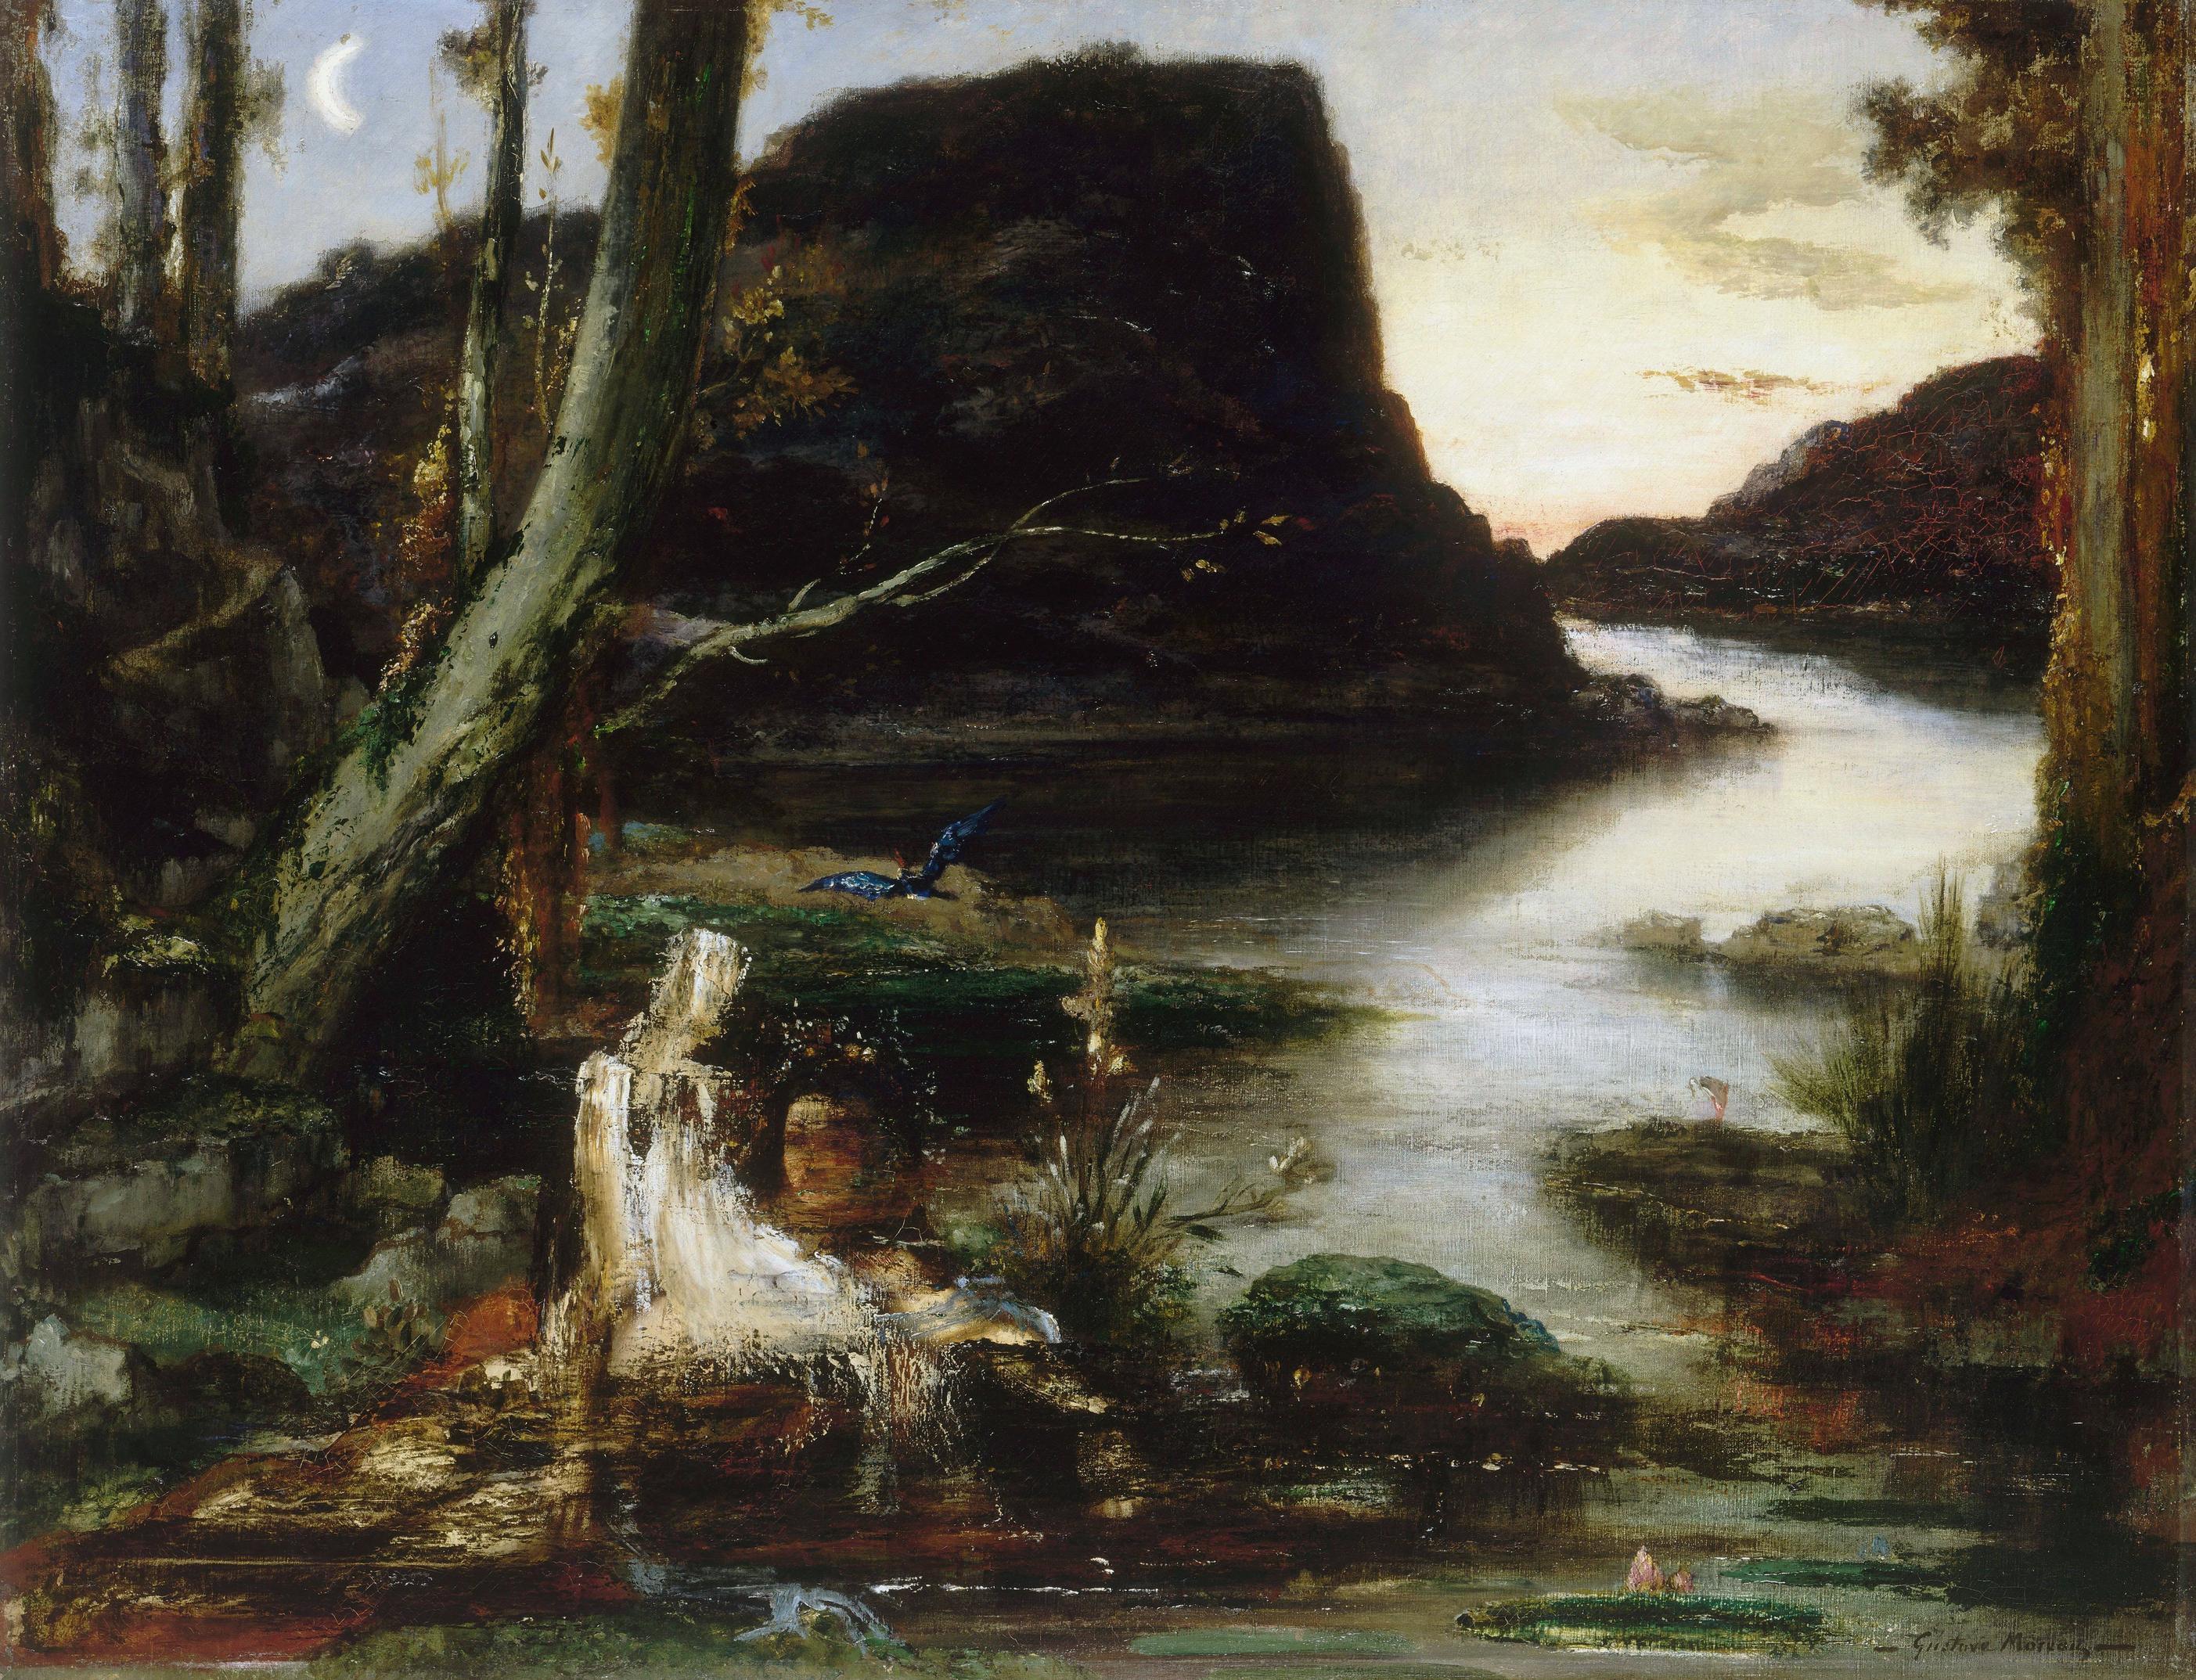 Нарцисс (92 х 118 см) (Париж, музей Гюстава Моро)